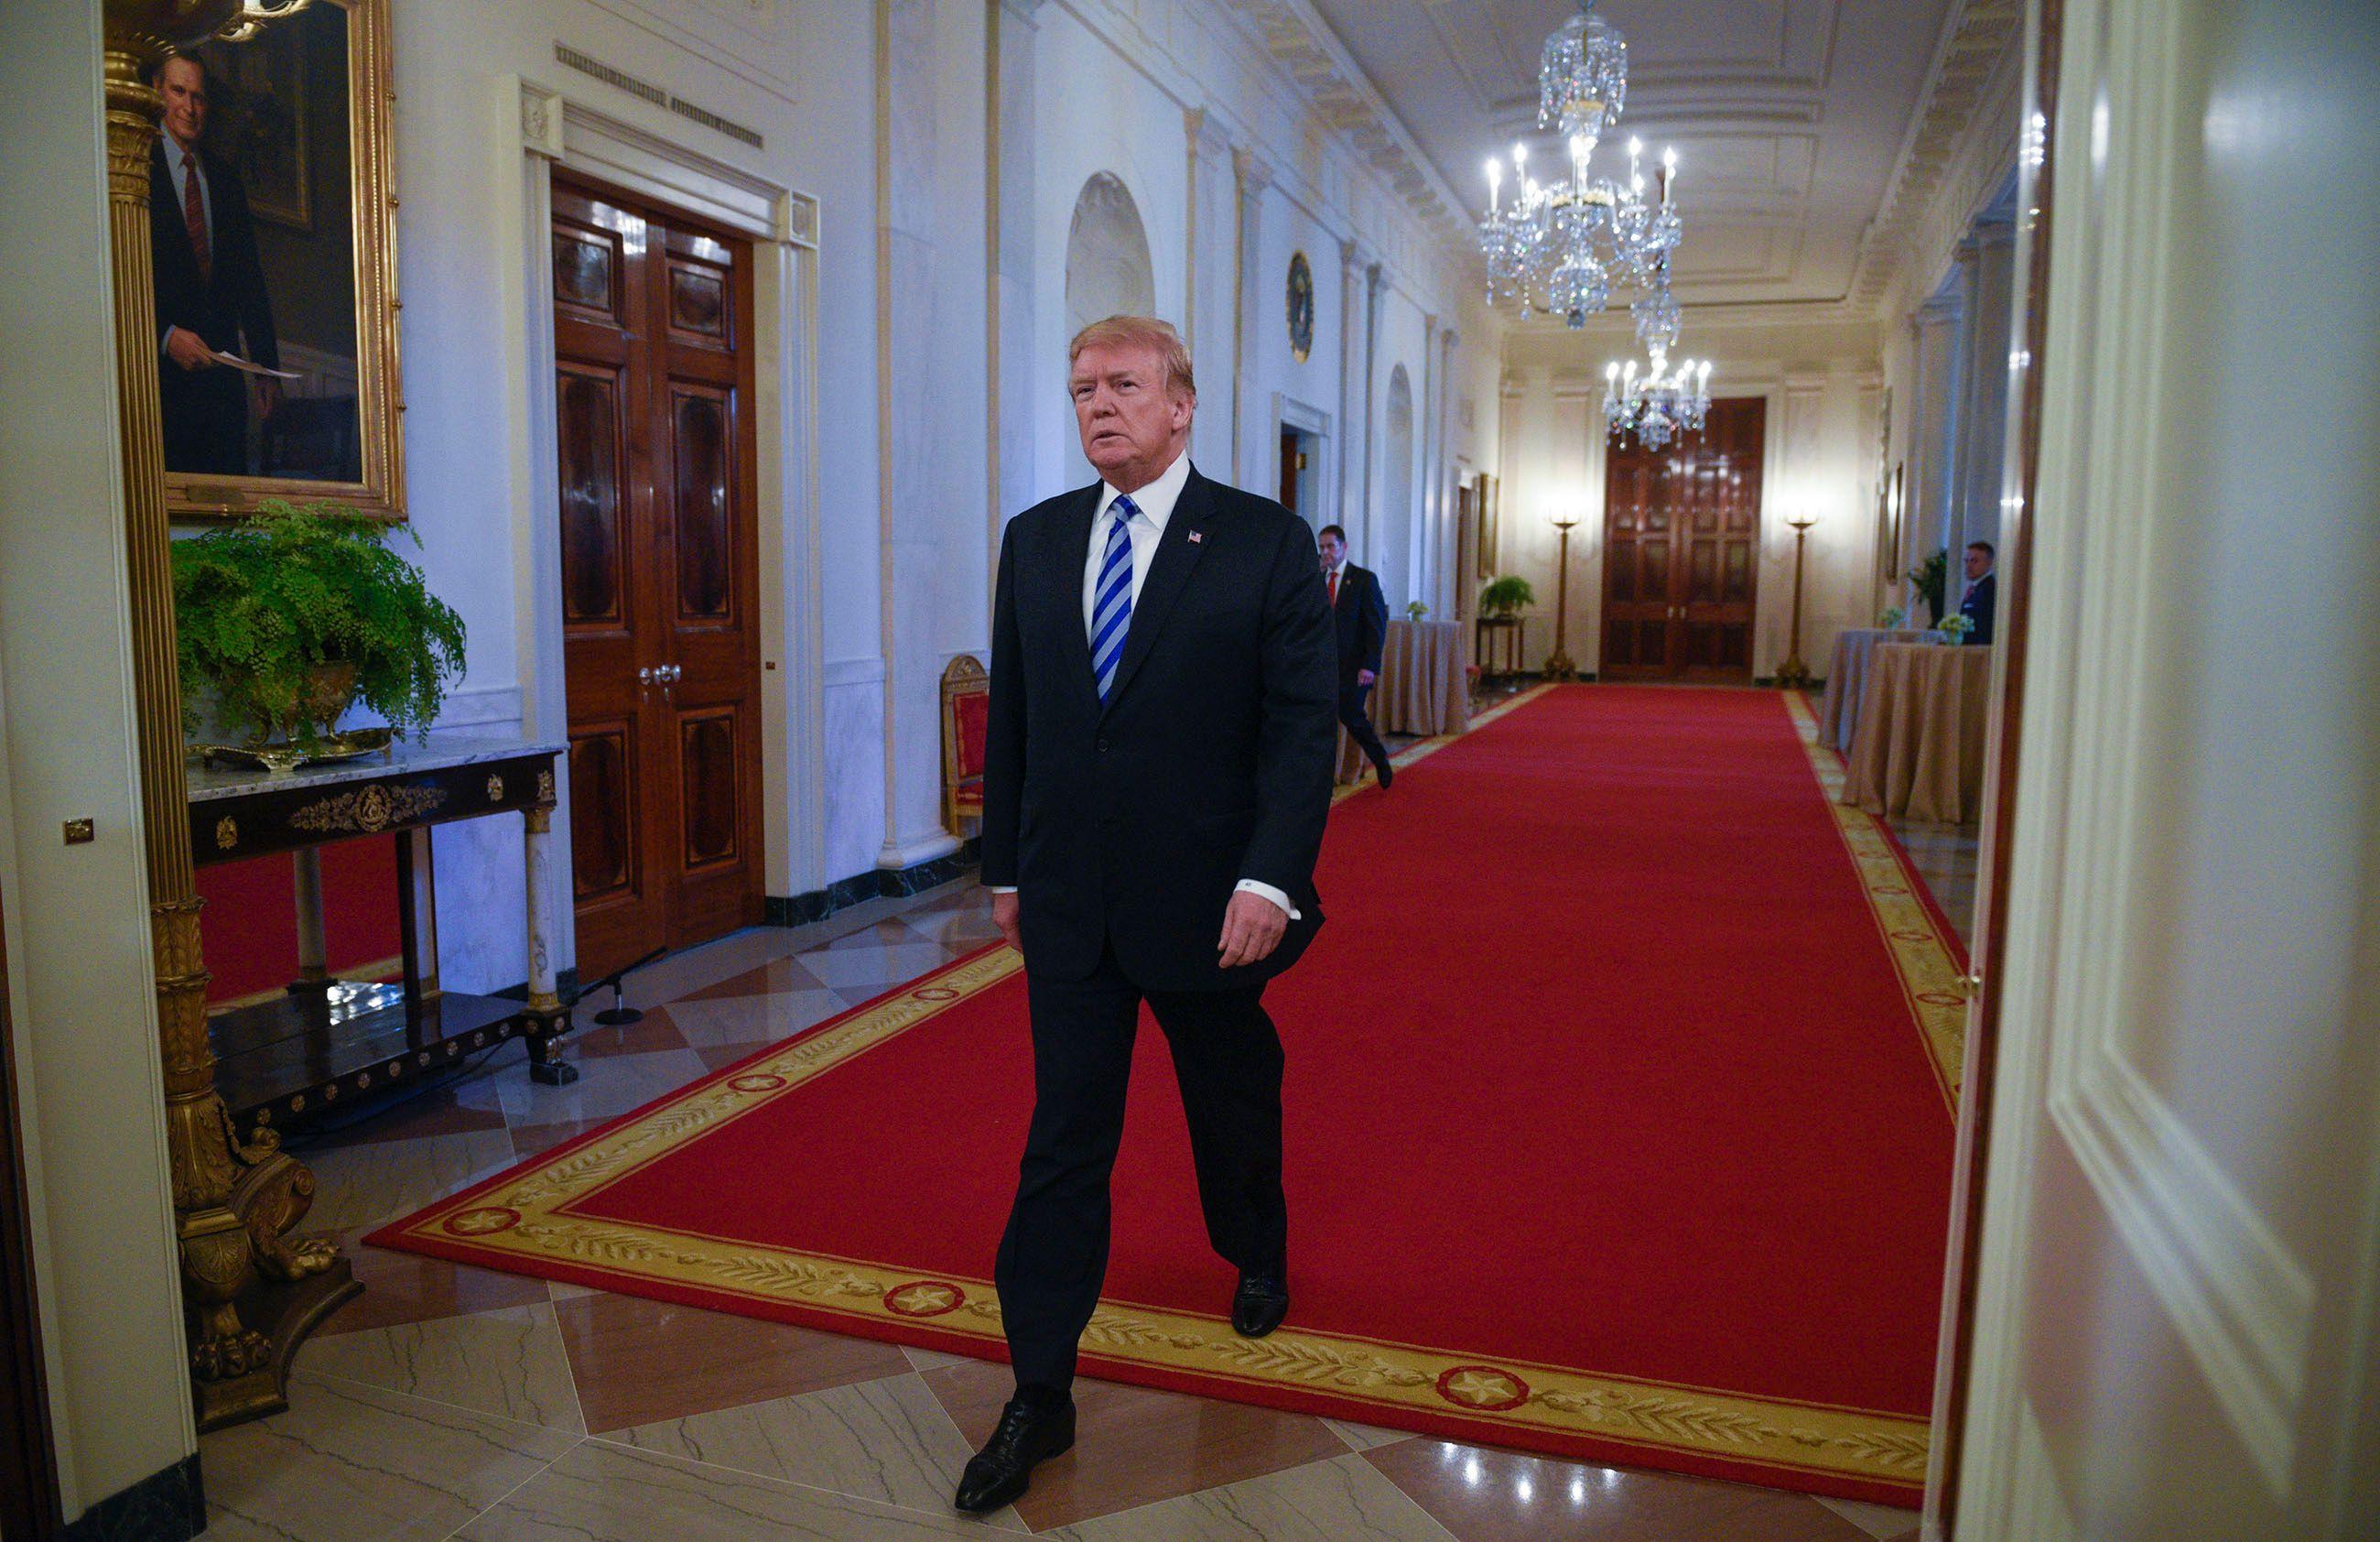 TrumpWideWeb.jpg